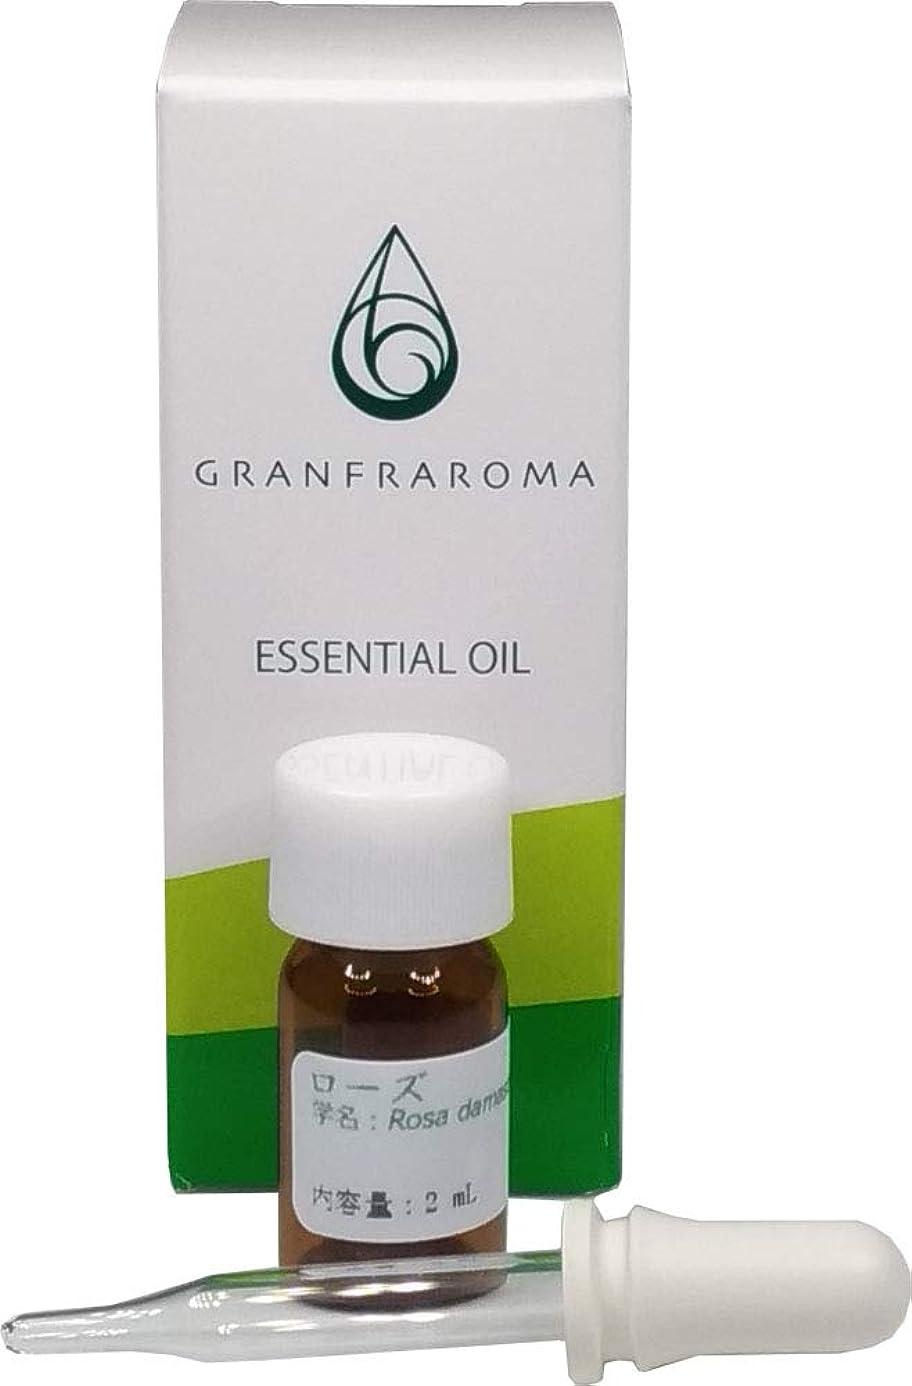 居心地の良い一晩ニコチン(グランフラローマ)GRANFRAROMA 精油 ローズ 溶剤抽出法 エッセンシャルオイル 2ml